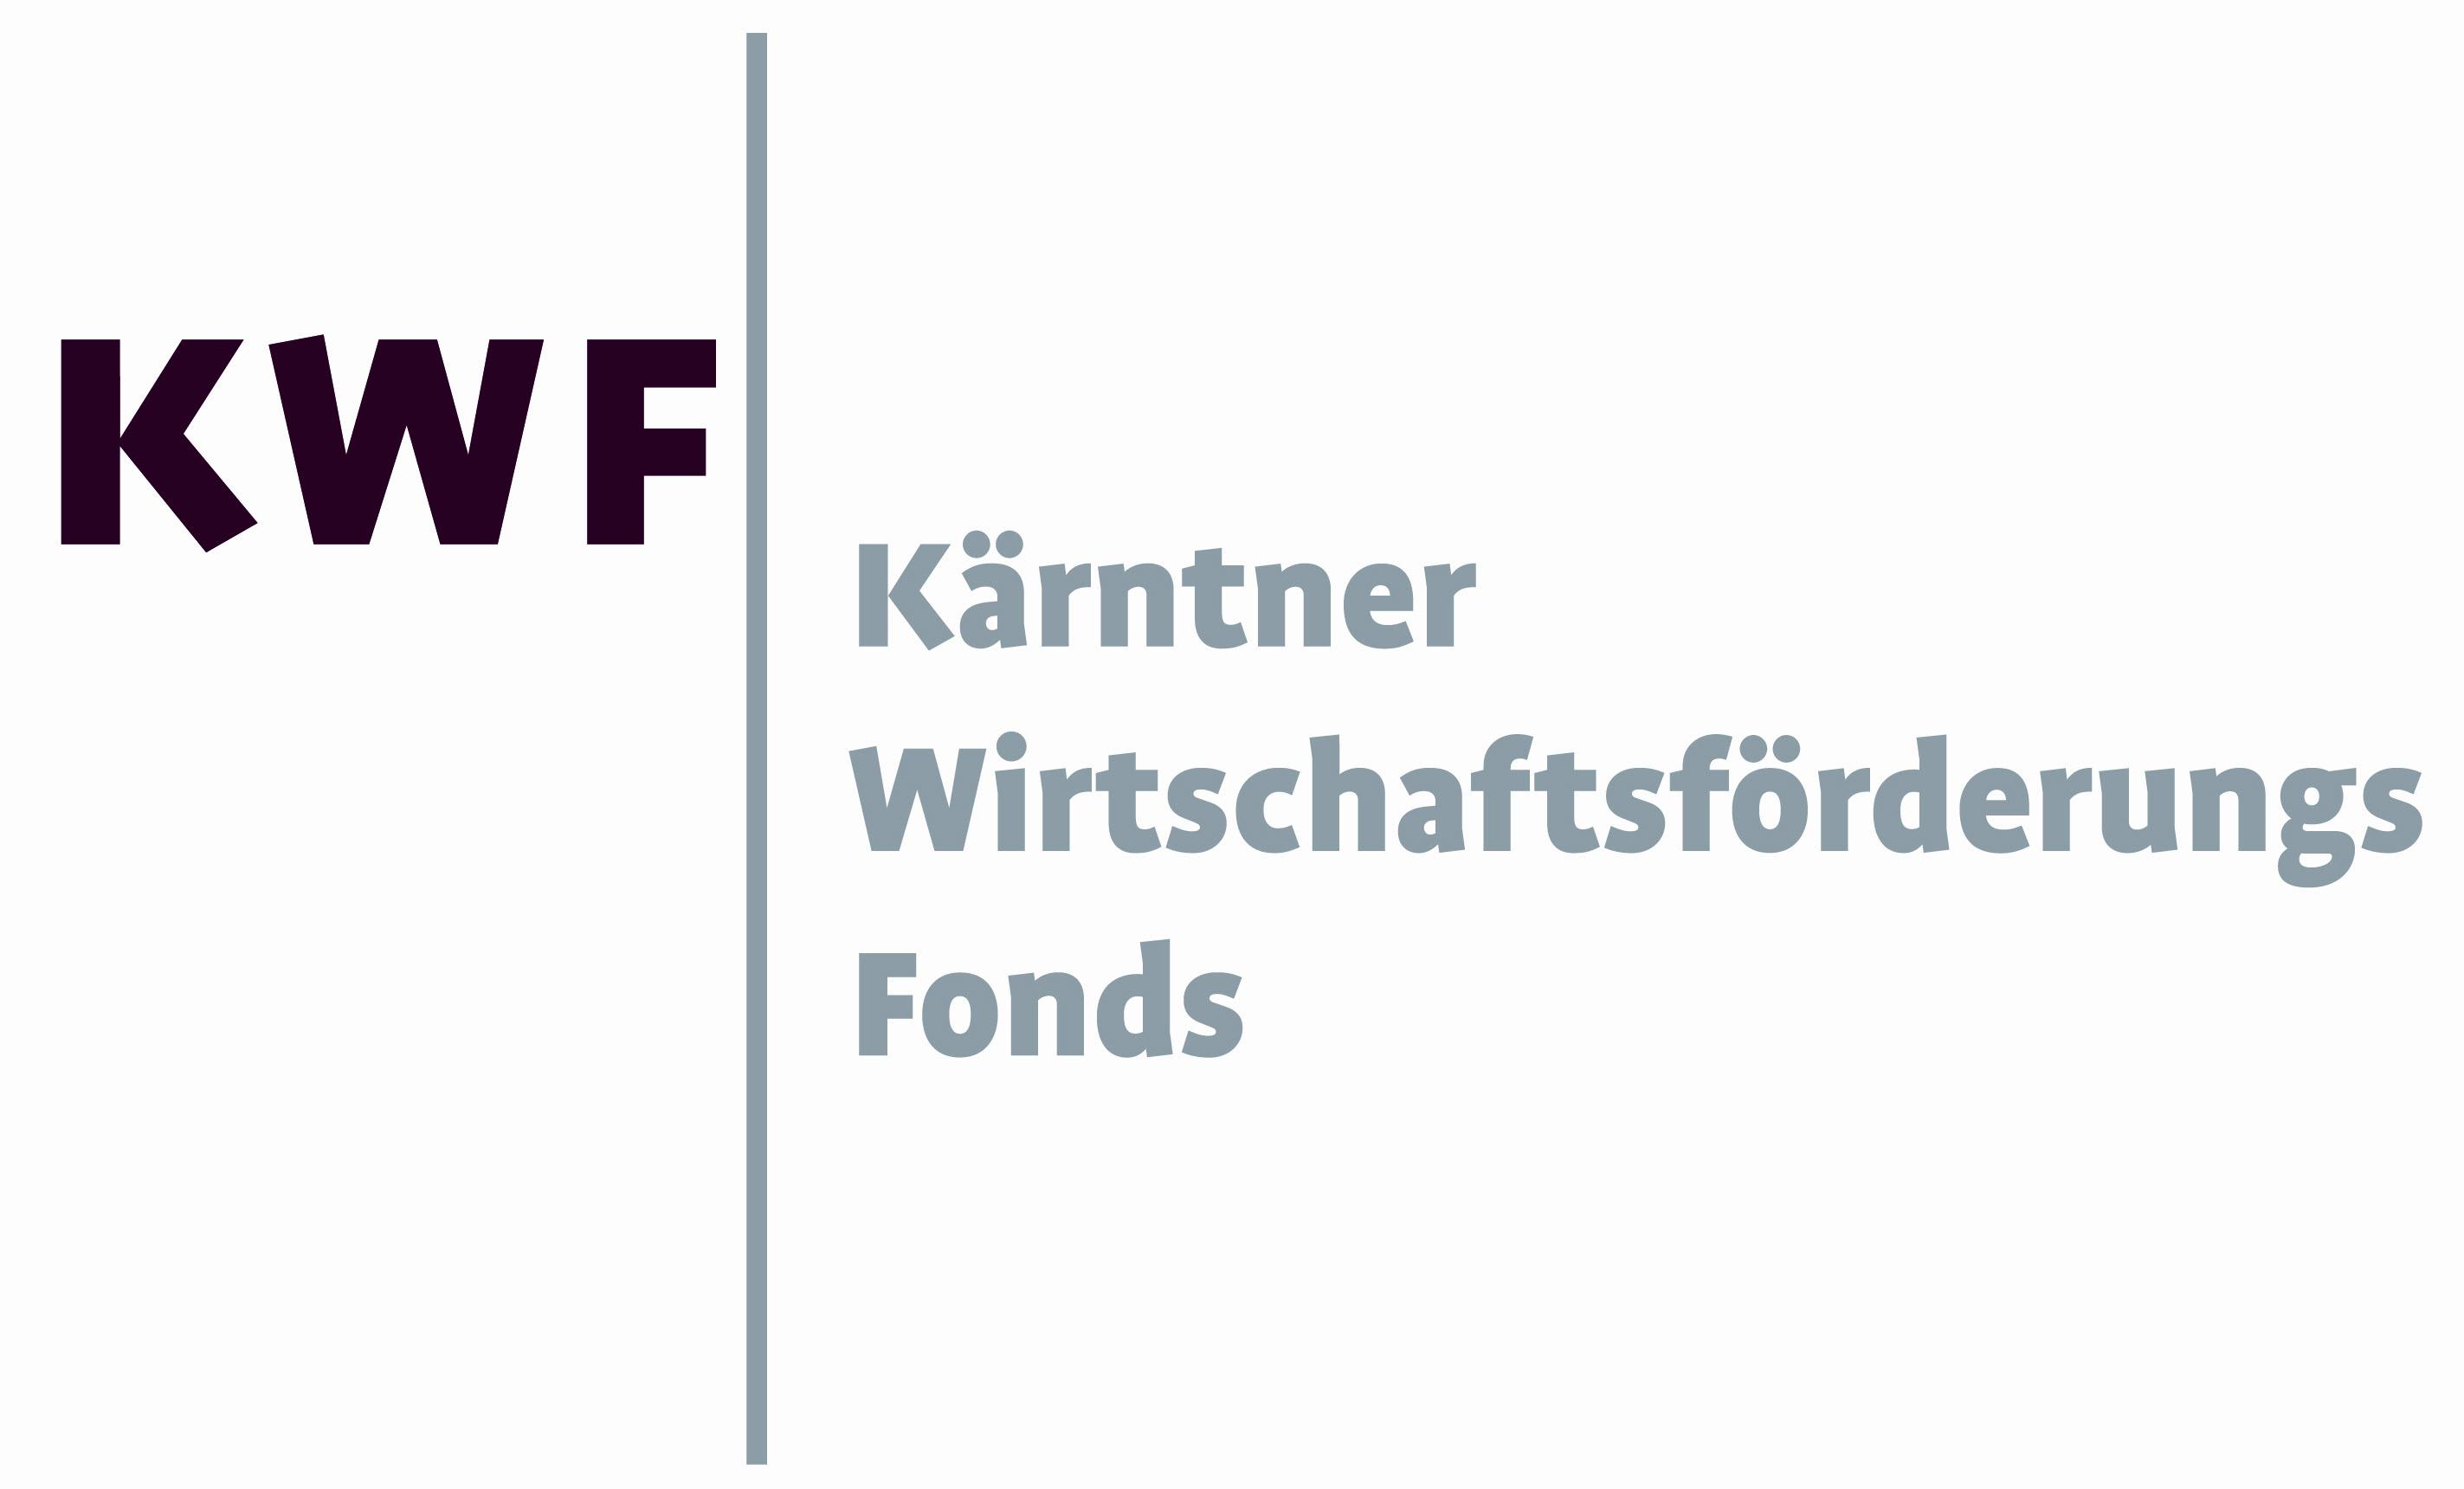 KWF Kärntner Wirtschaftsförderungs Fonds